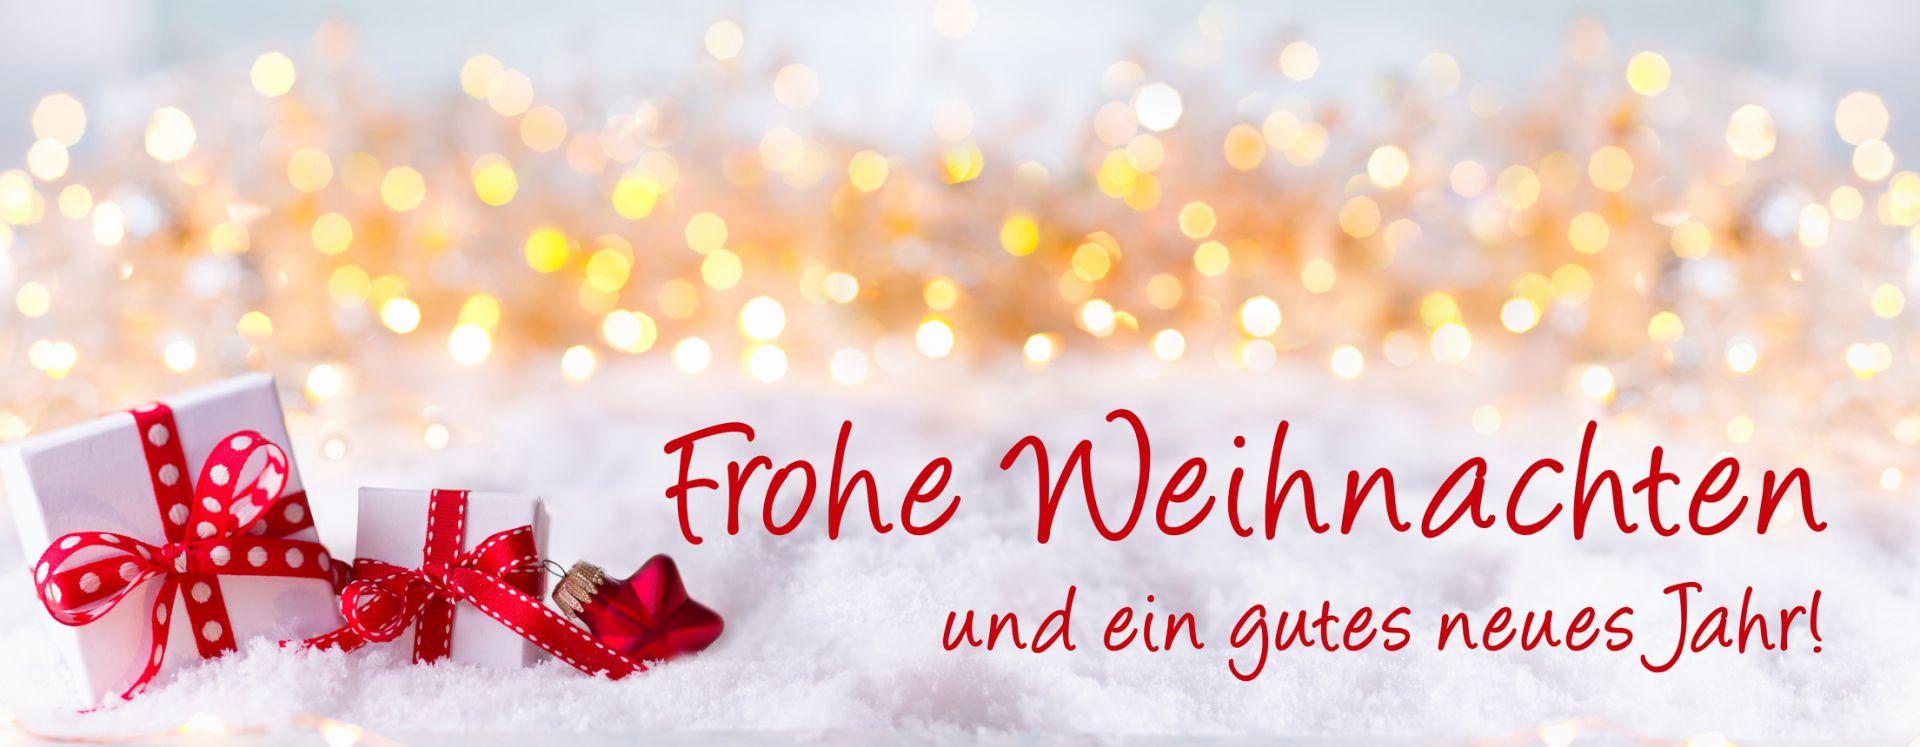 Weihnachts Und Neujahrswünsche Bilder